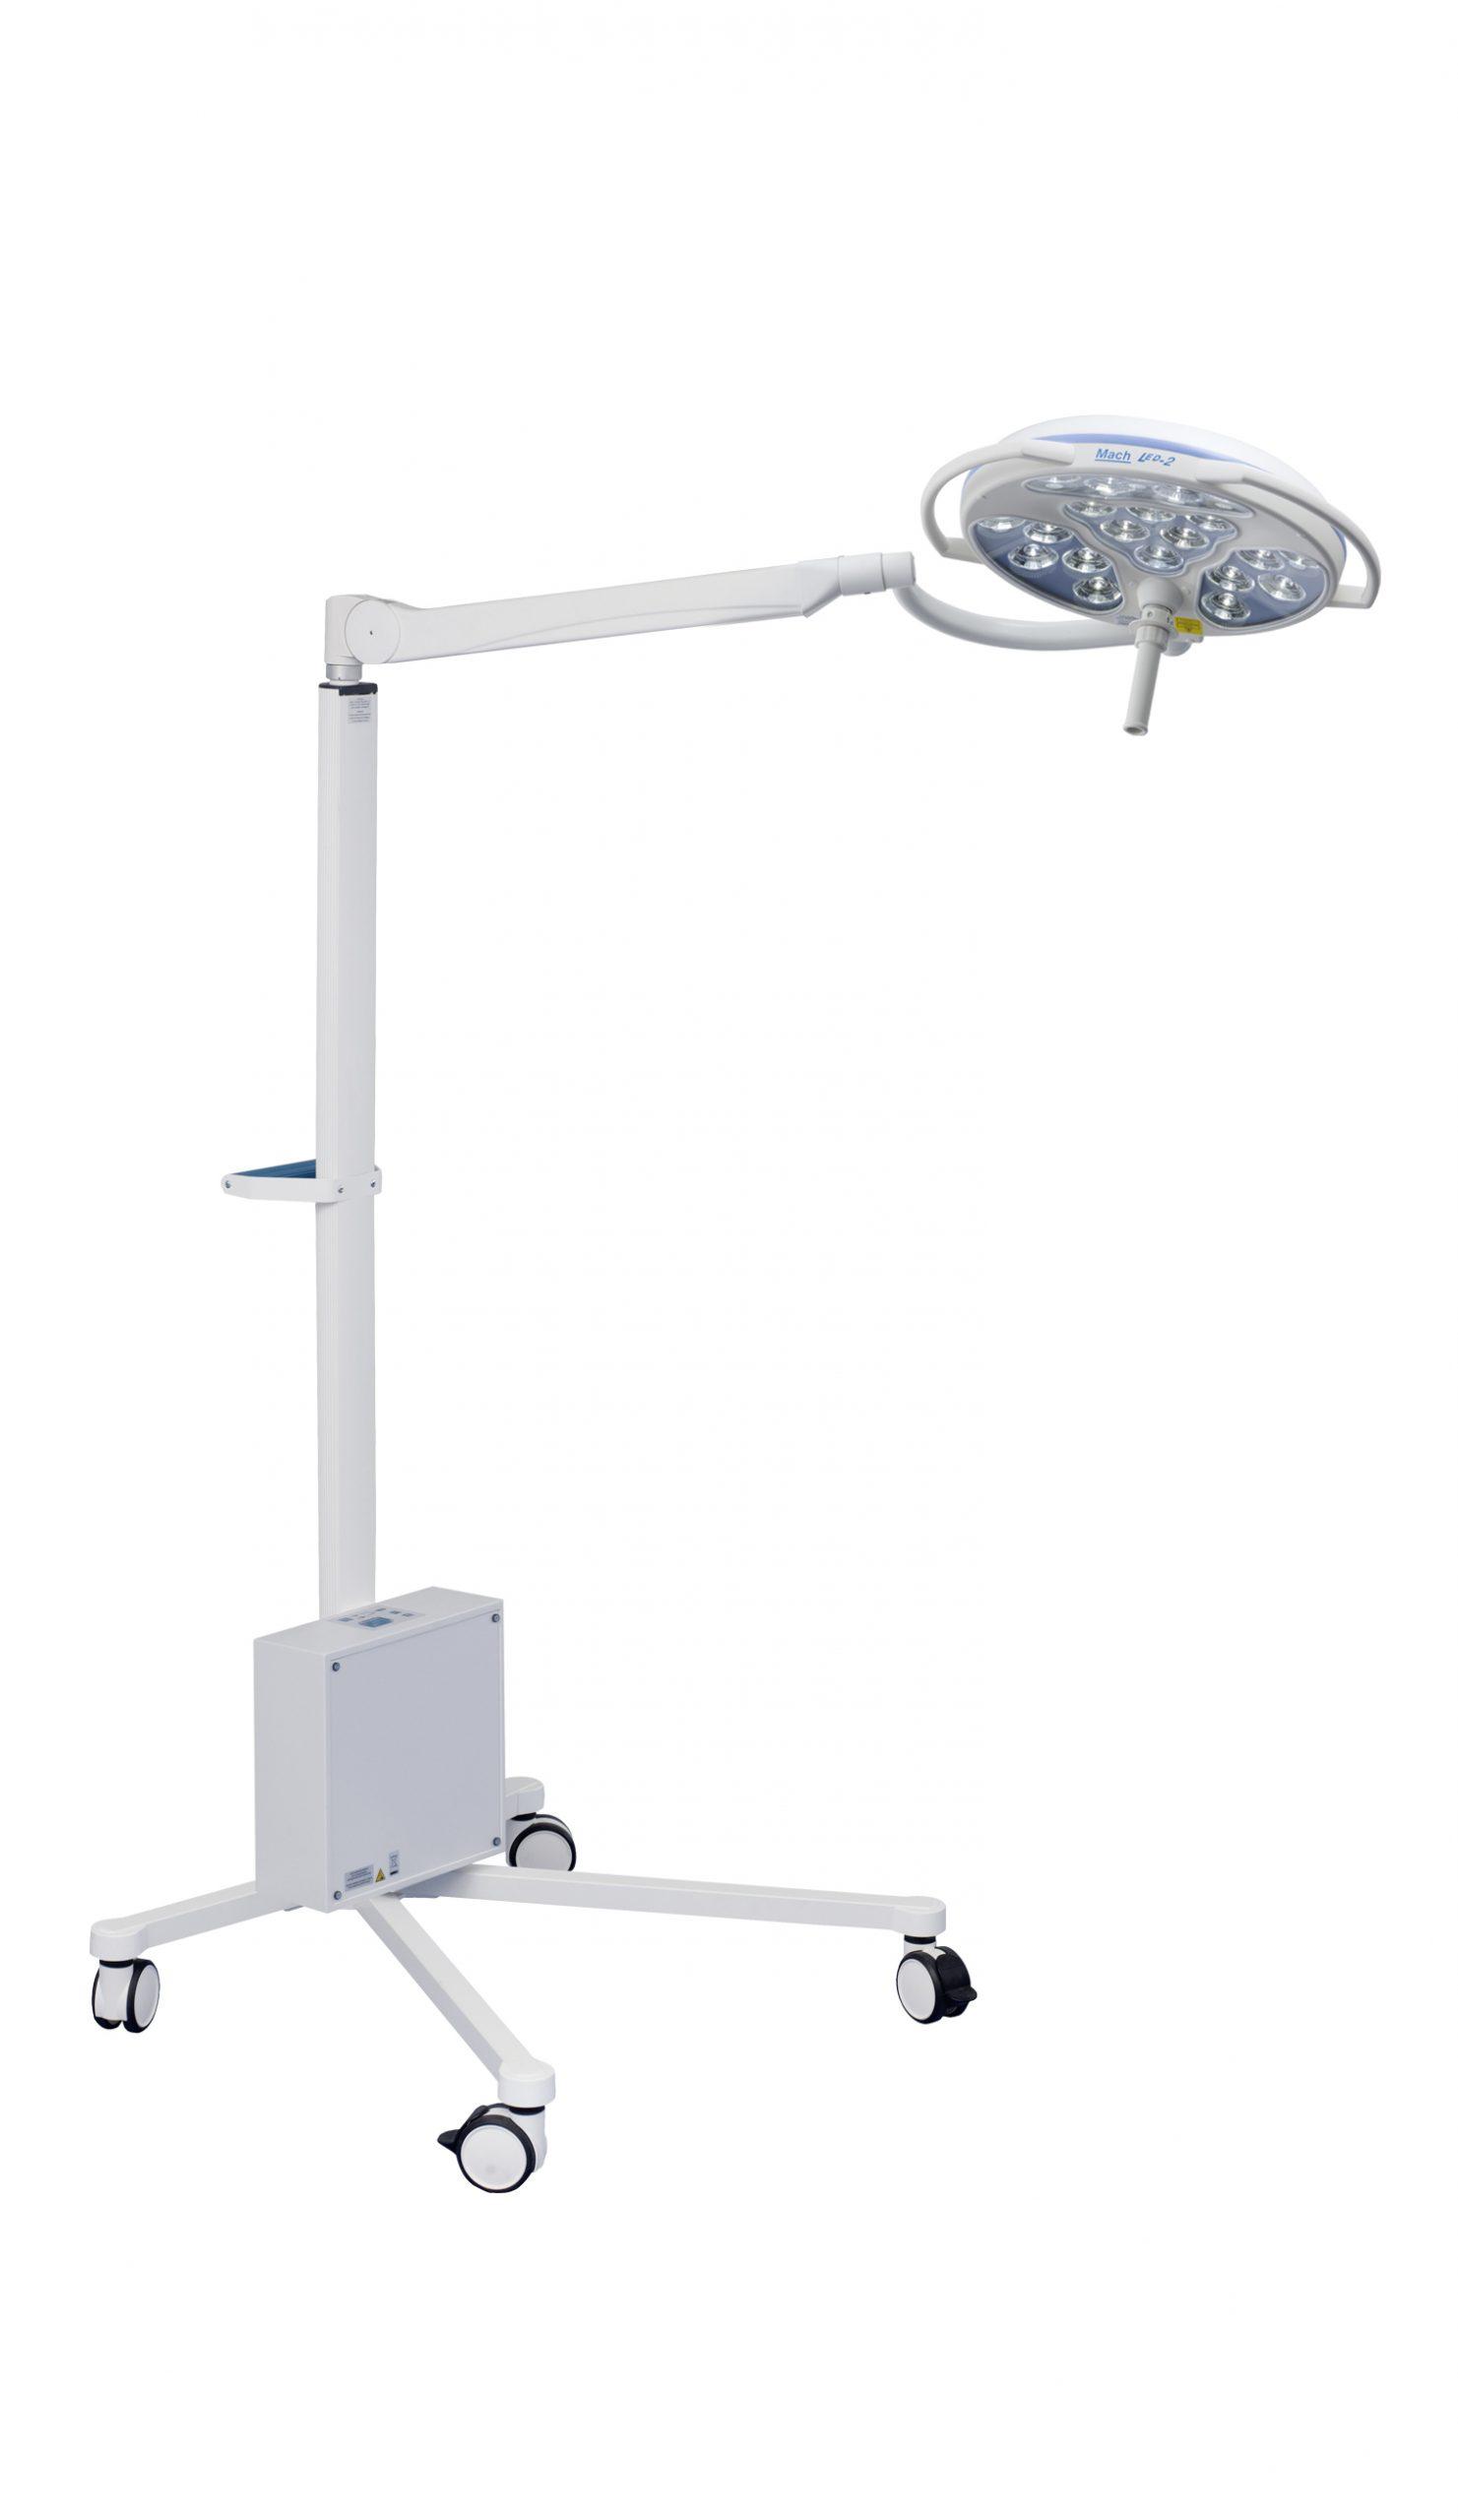 Onderzoekslamp-LED2-Statief-Noodstroom